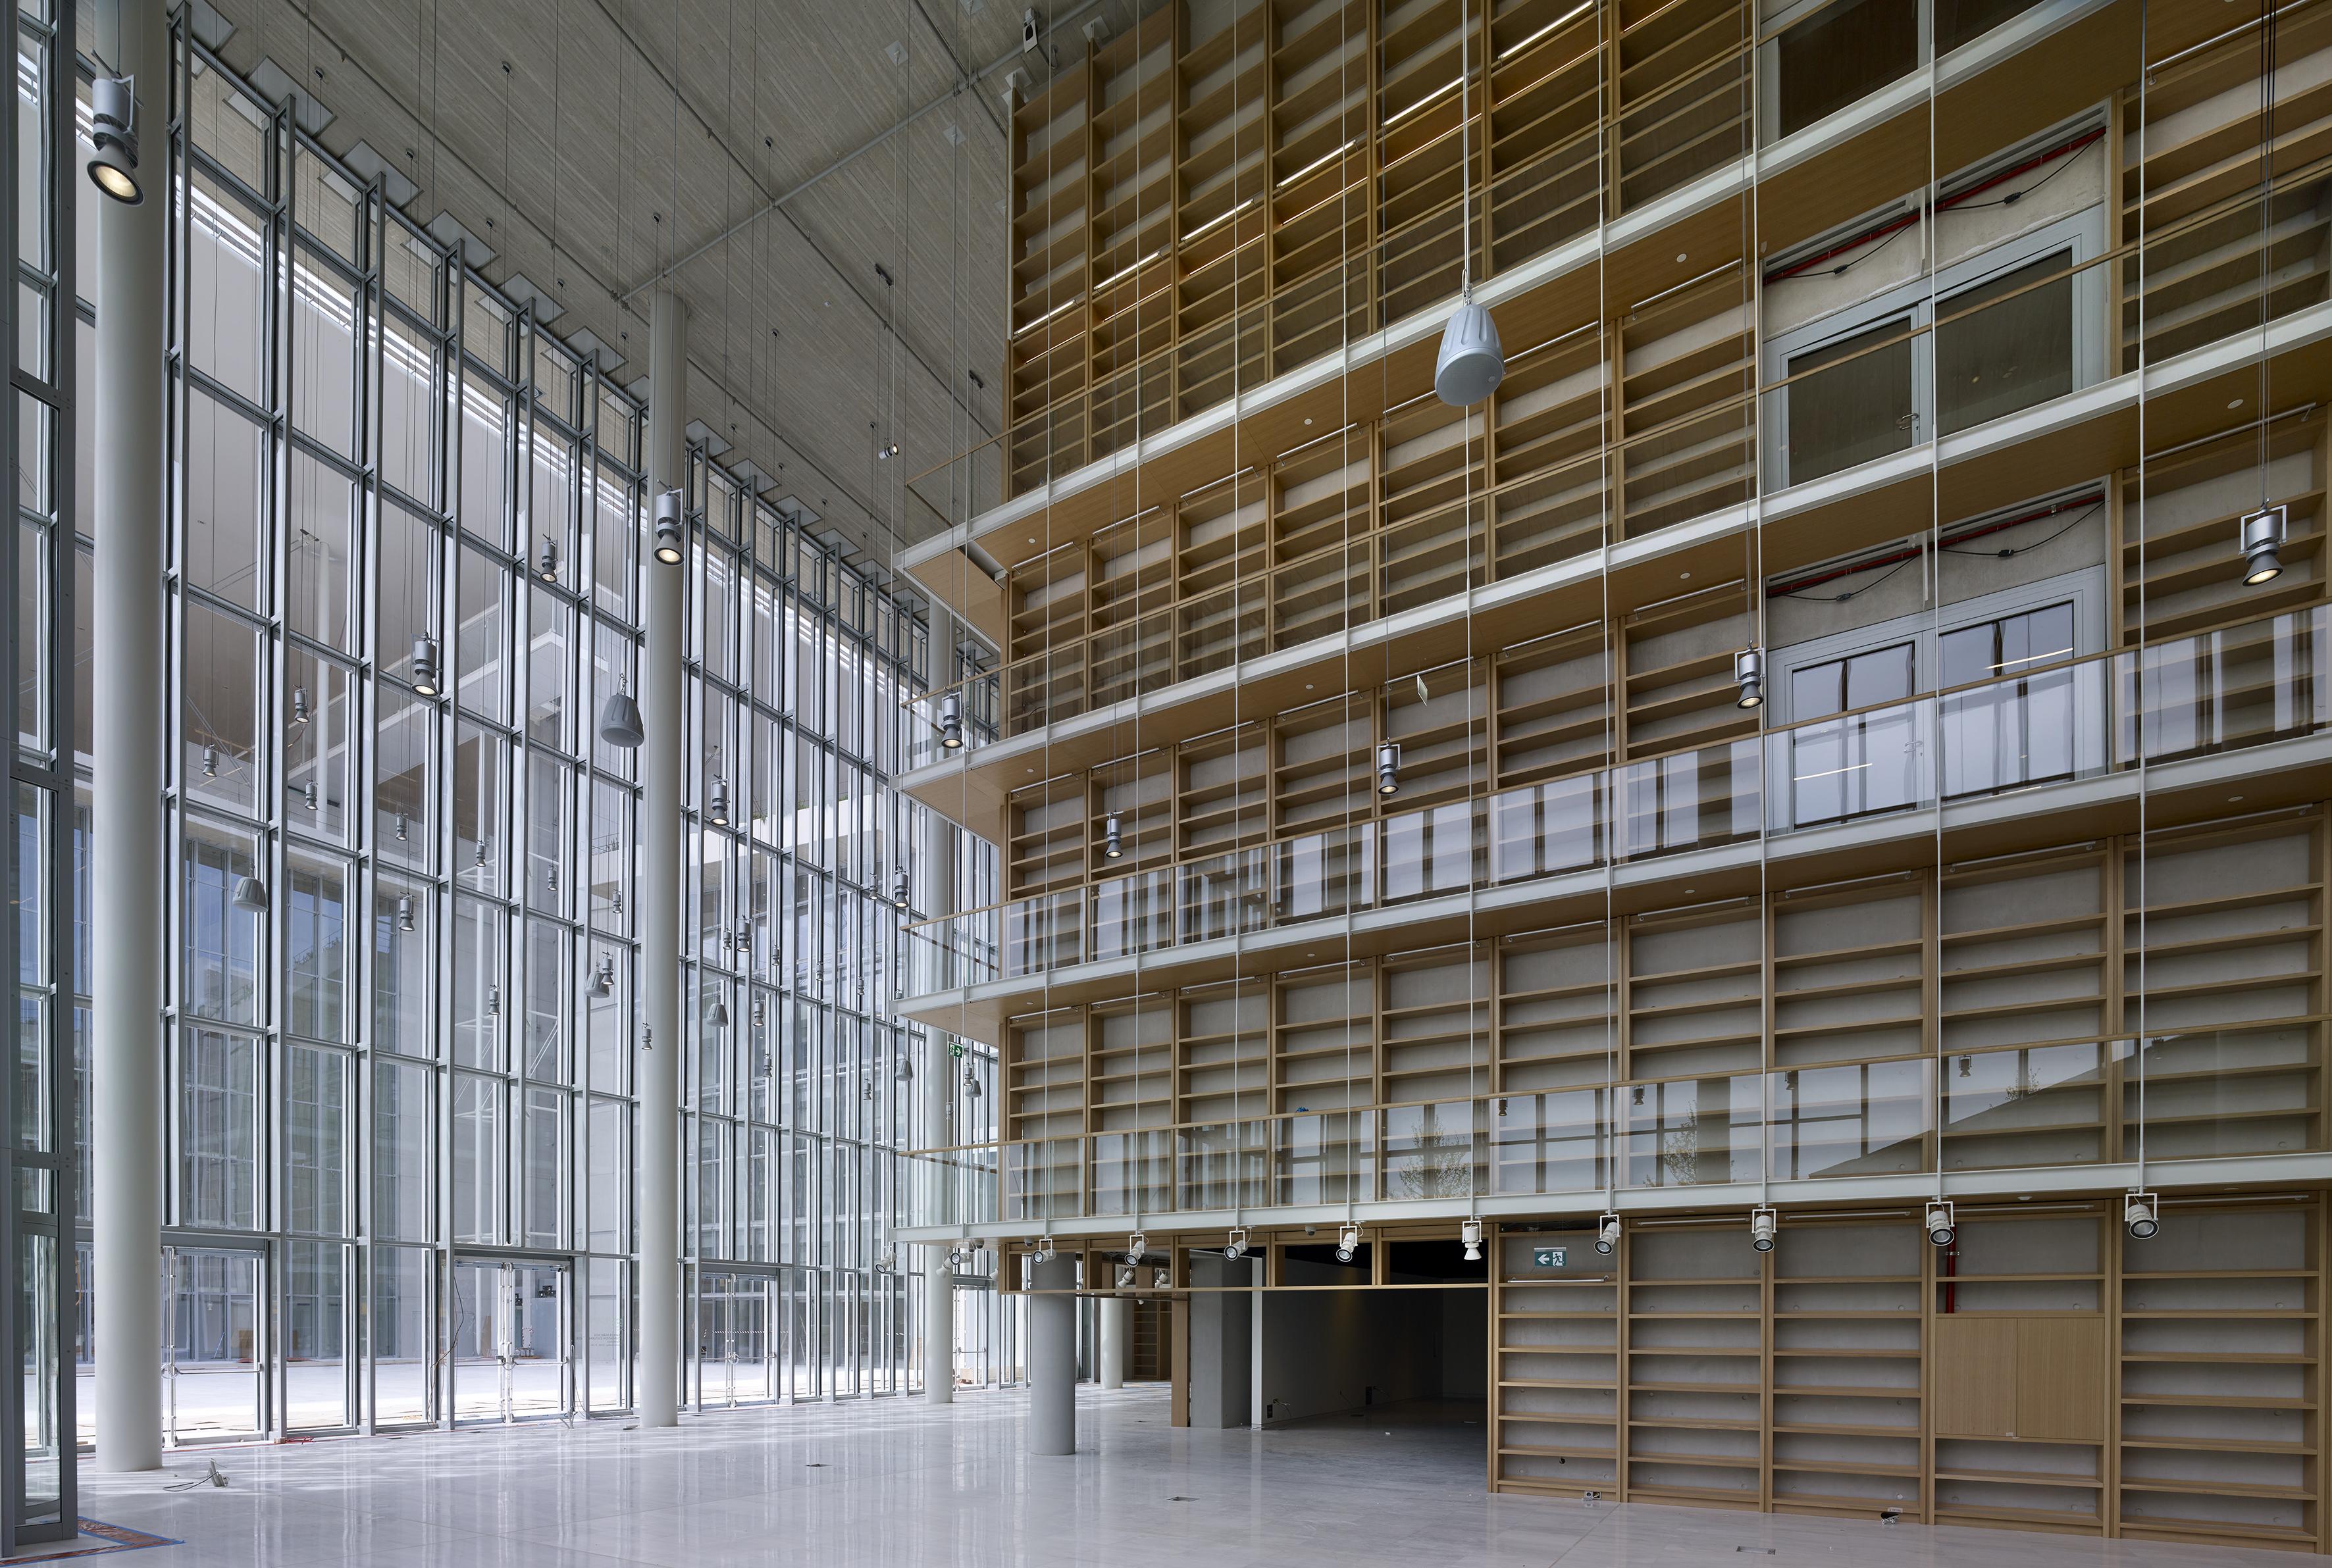 Ο Πύργος των Βιβλίων. Ο κεντρικός χώρος του κτιρίου της ΕΒΕ.